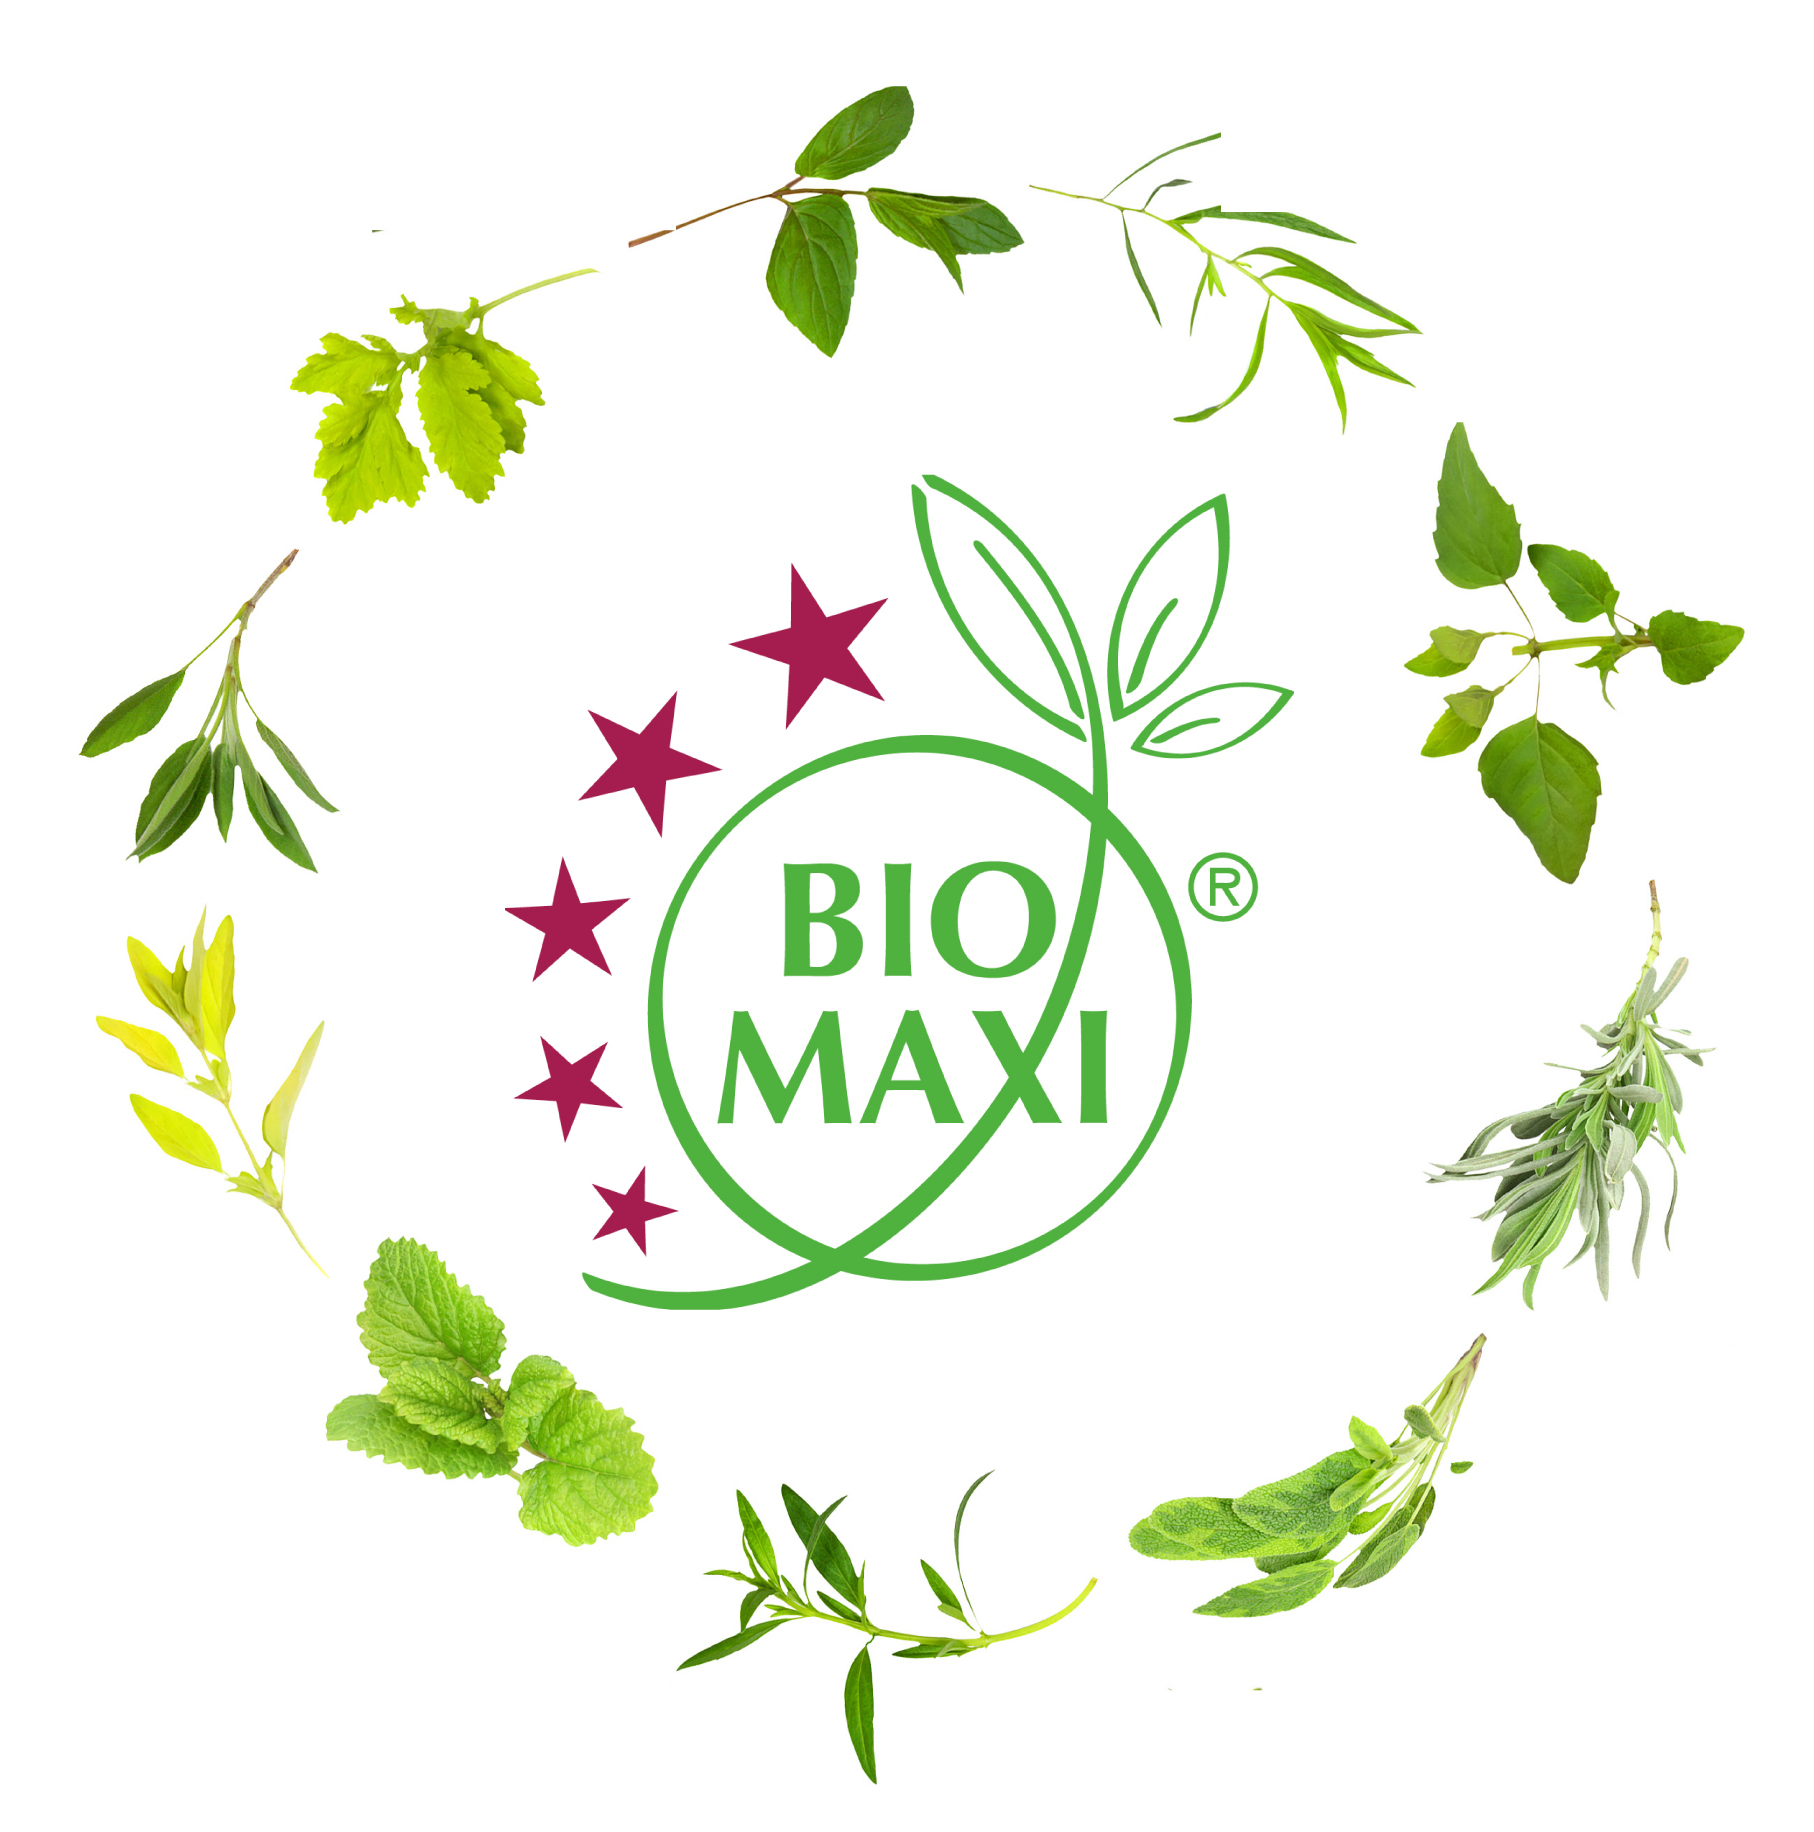 Bio Maxi